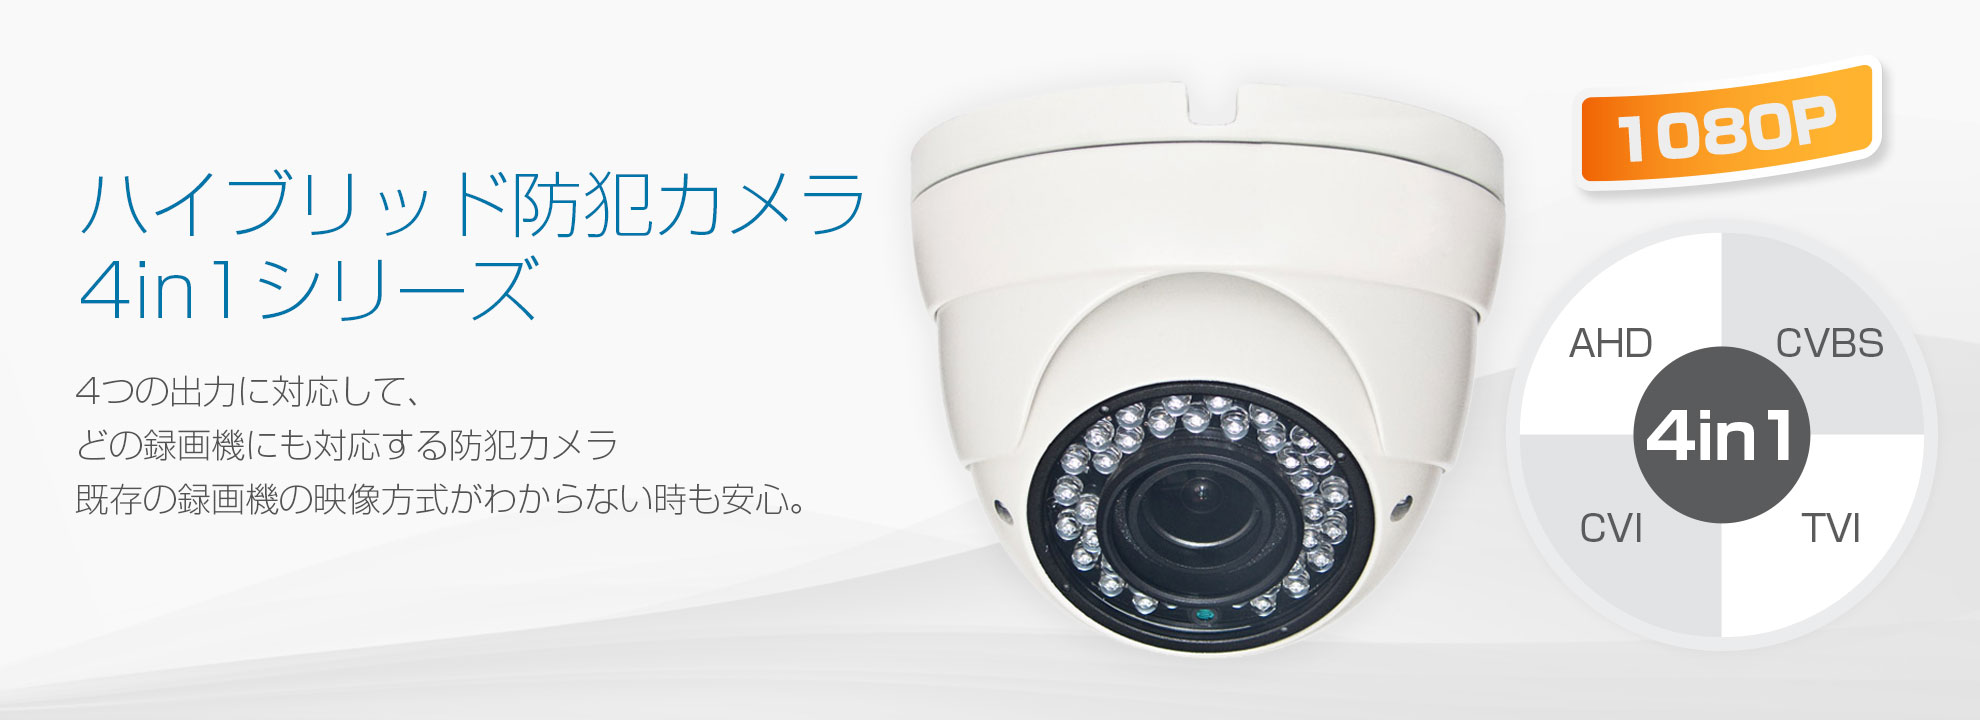 ハイブリッド防犯カメラ4in1シリーズ